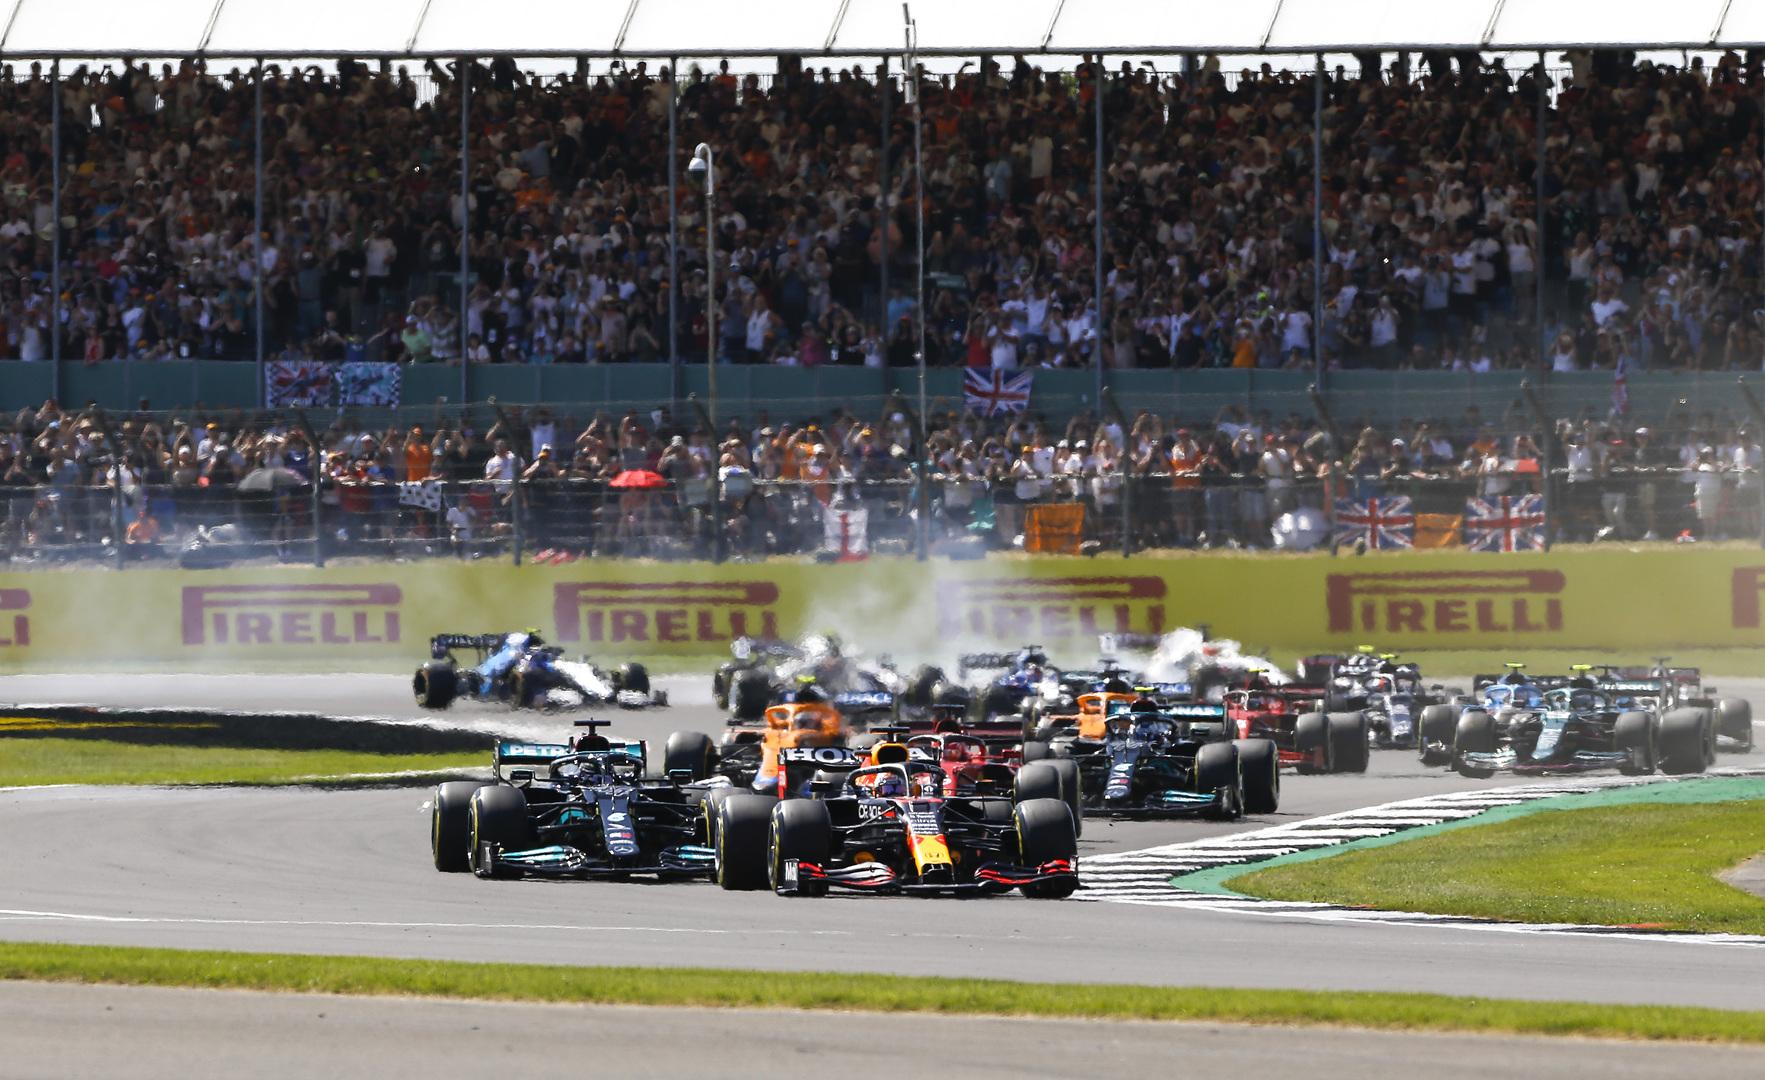 C. Leclercas, F. Alonso ir V. Bottas išsakė savo nuomonę apie L. Hamiltono ir M. Verstappeno incidentą